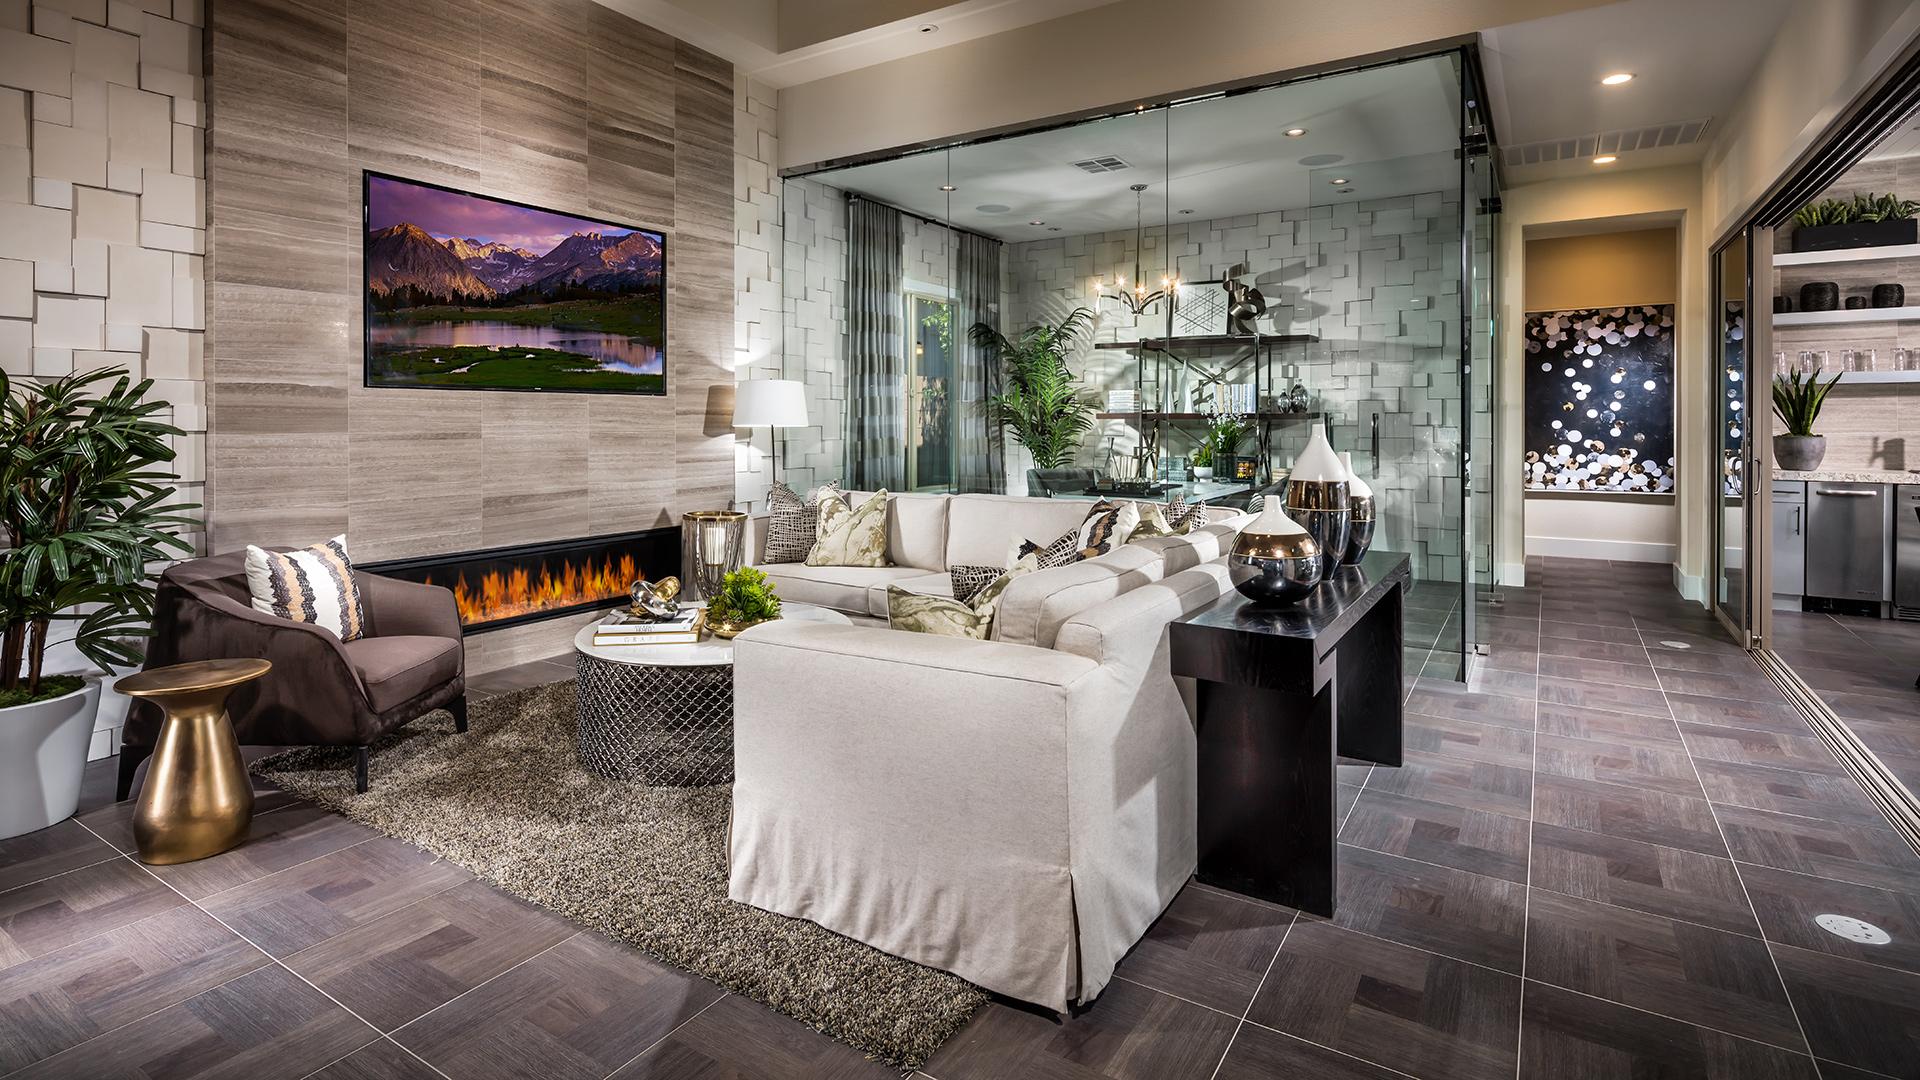 Enjoy spacious open-concept living spaces